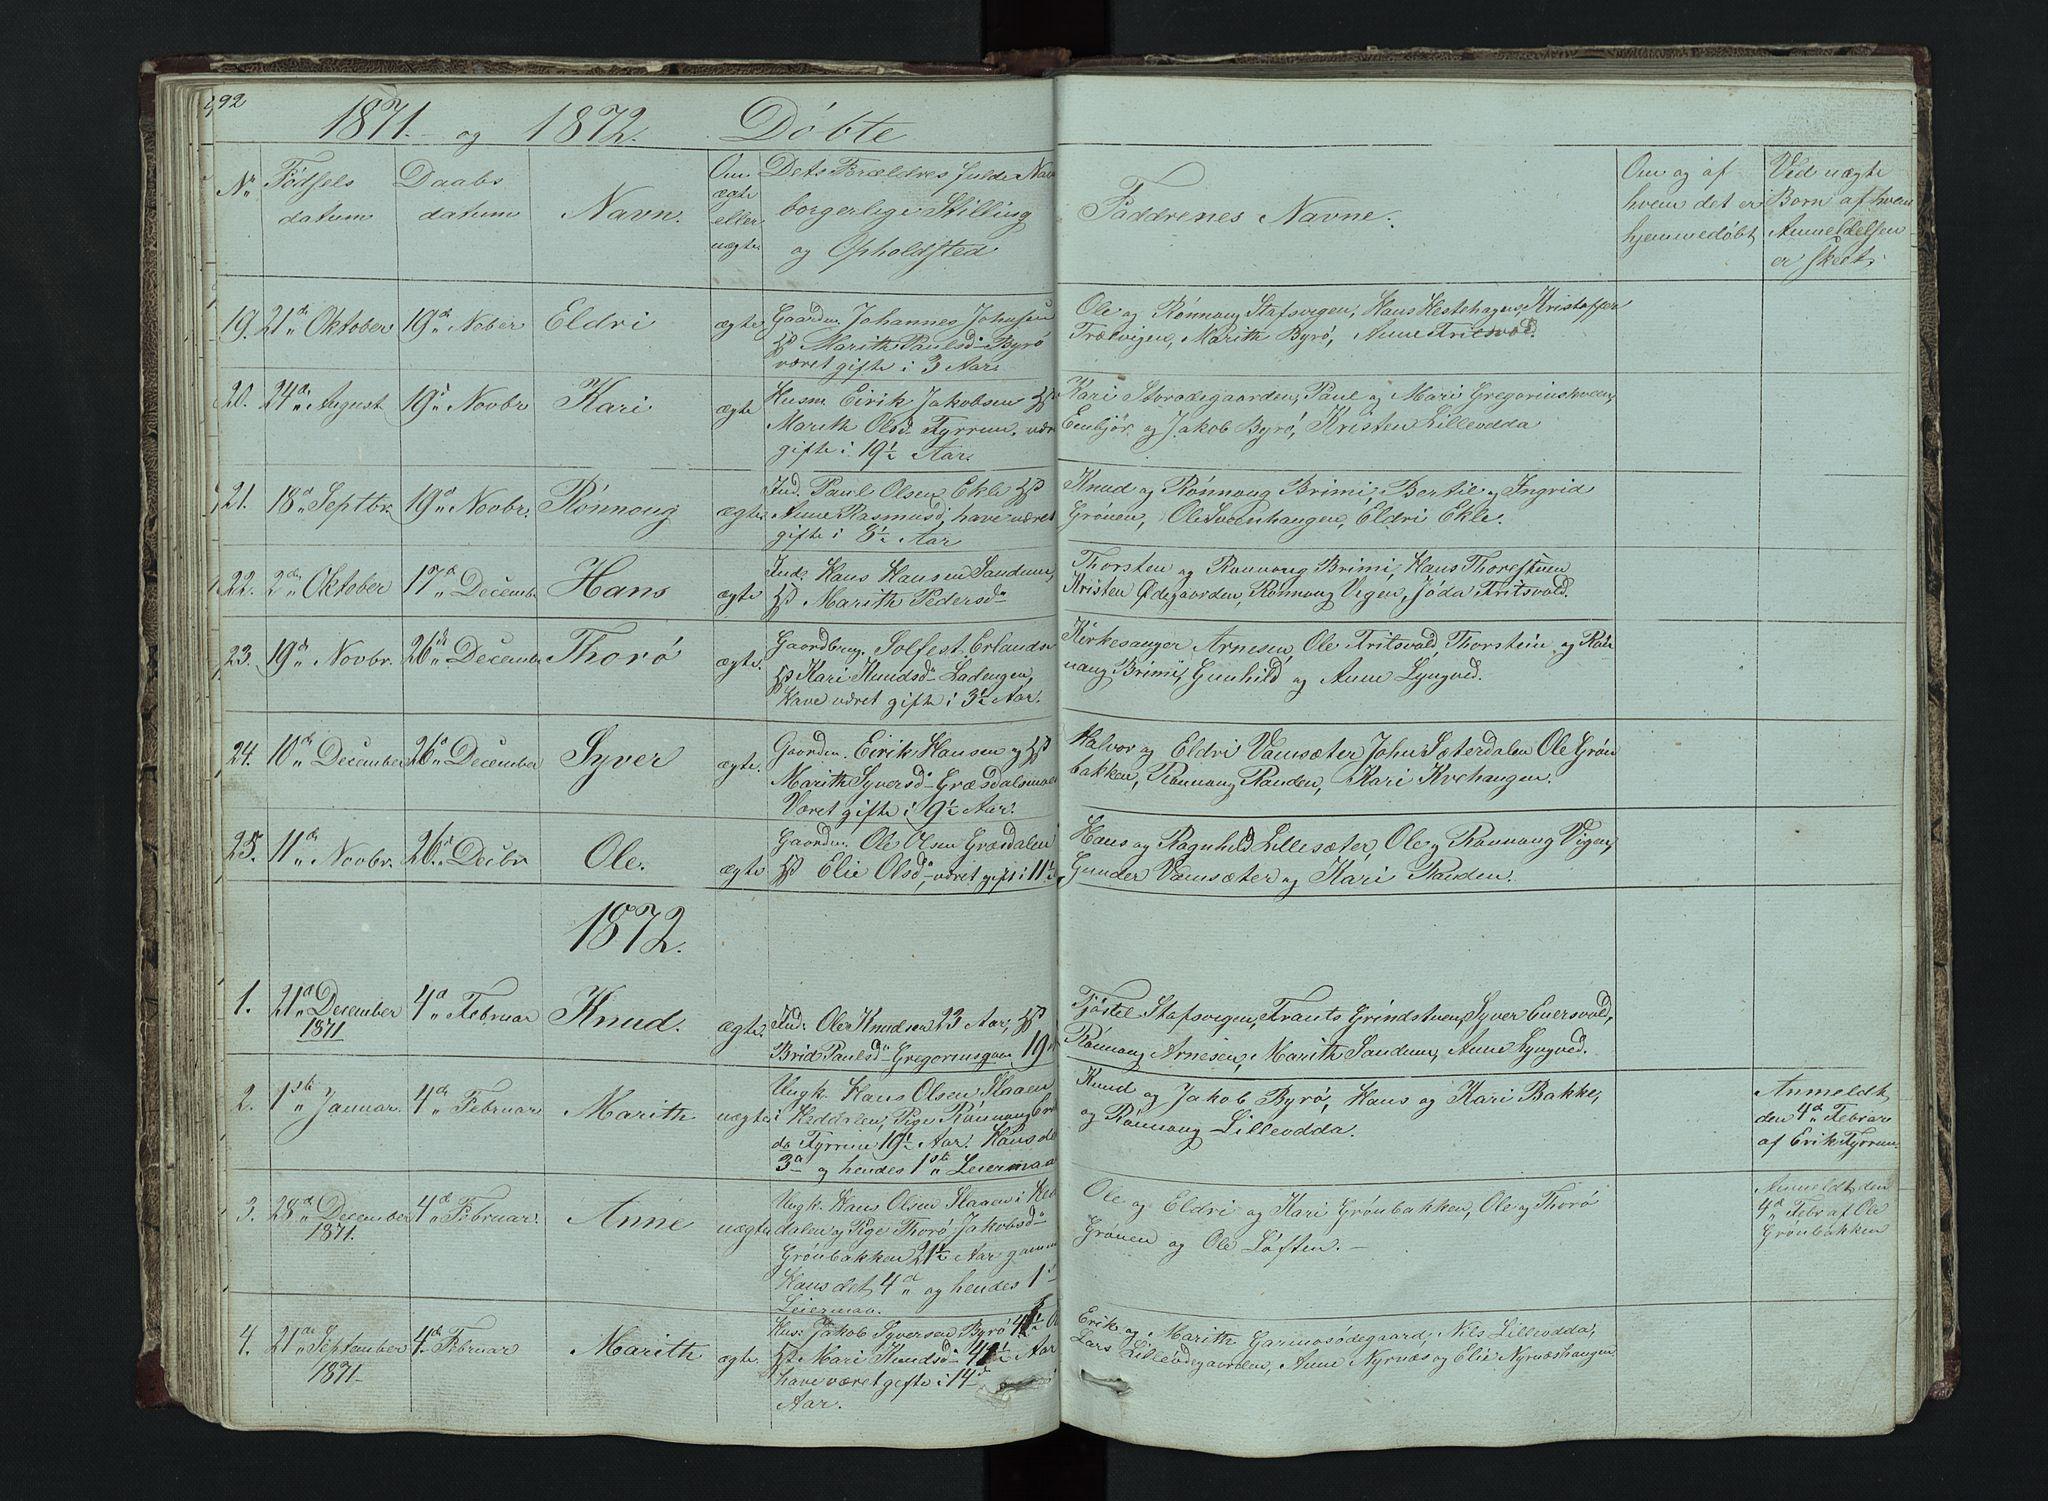 SAH, Lom prestekontor, L/L0014: Klokkerbok nr. 14, 1845-1876, s. 92-93